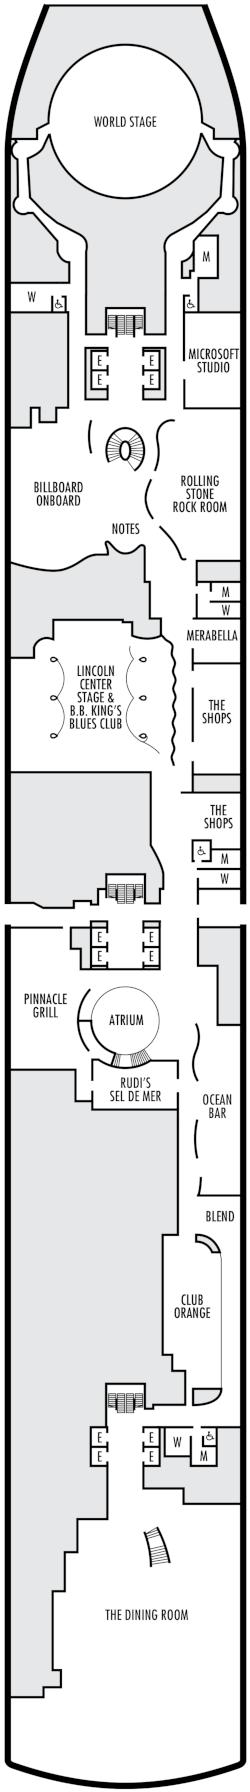 Nieuw Statendam Plaza Deck Deck Plan